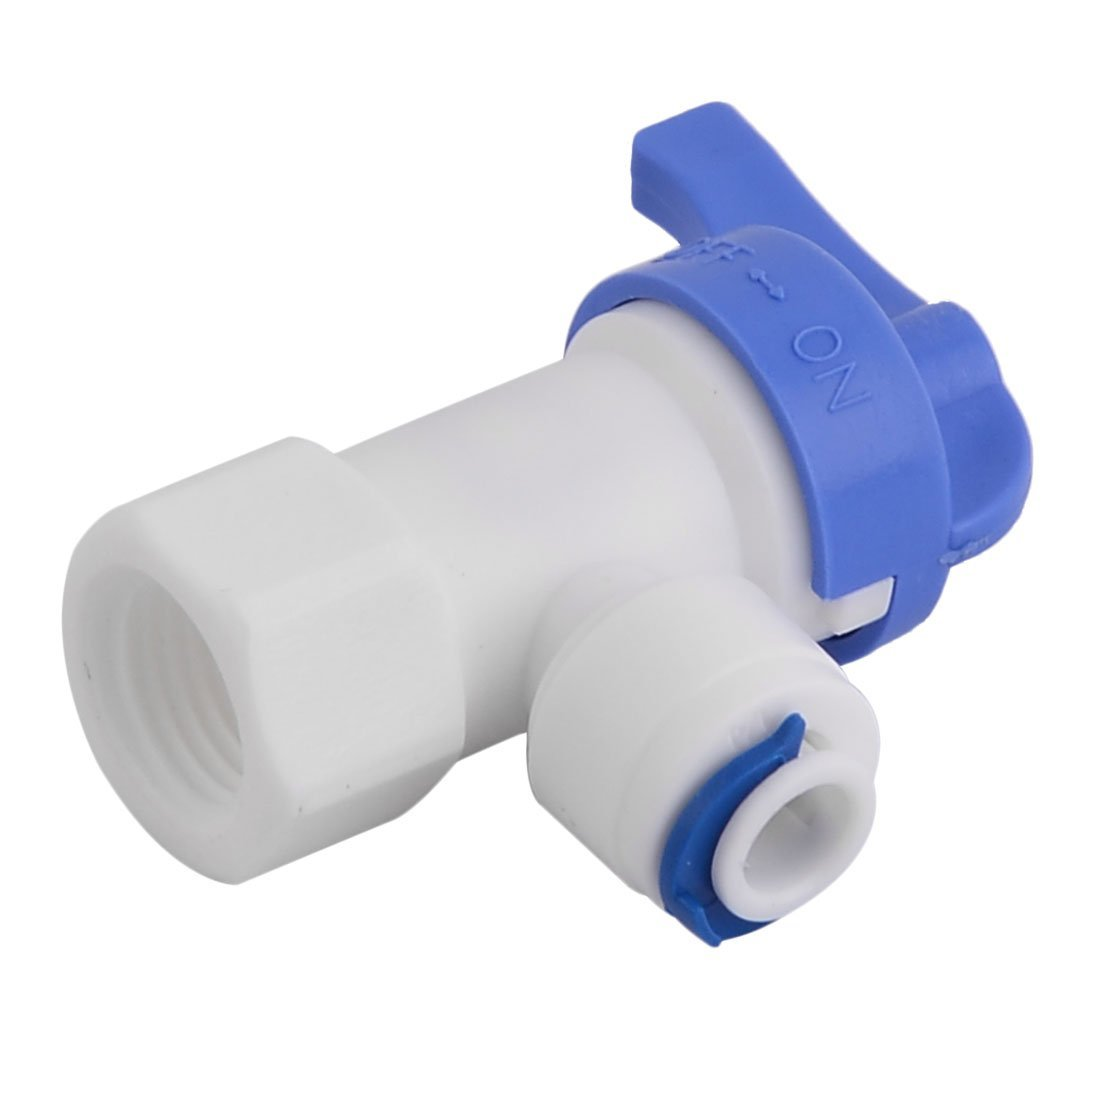 Amazon.com: Filtro eDealMax plástico de la cocina purificador de agua Purificación del tanque Válvula de bola Conector dispensador: Kitchen & Dining